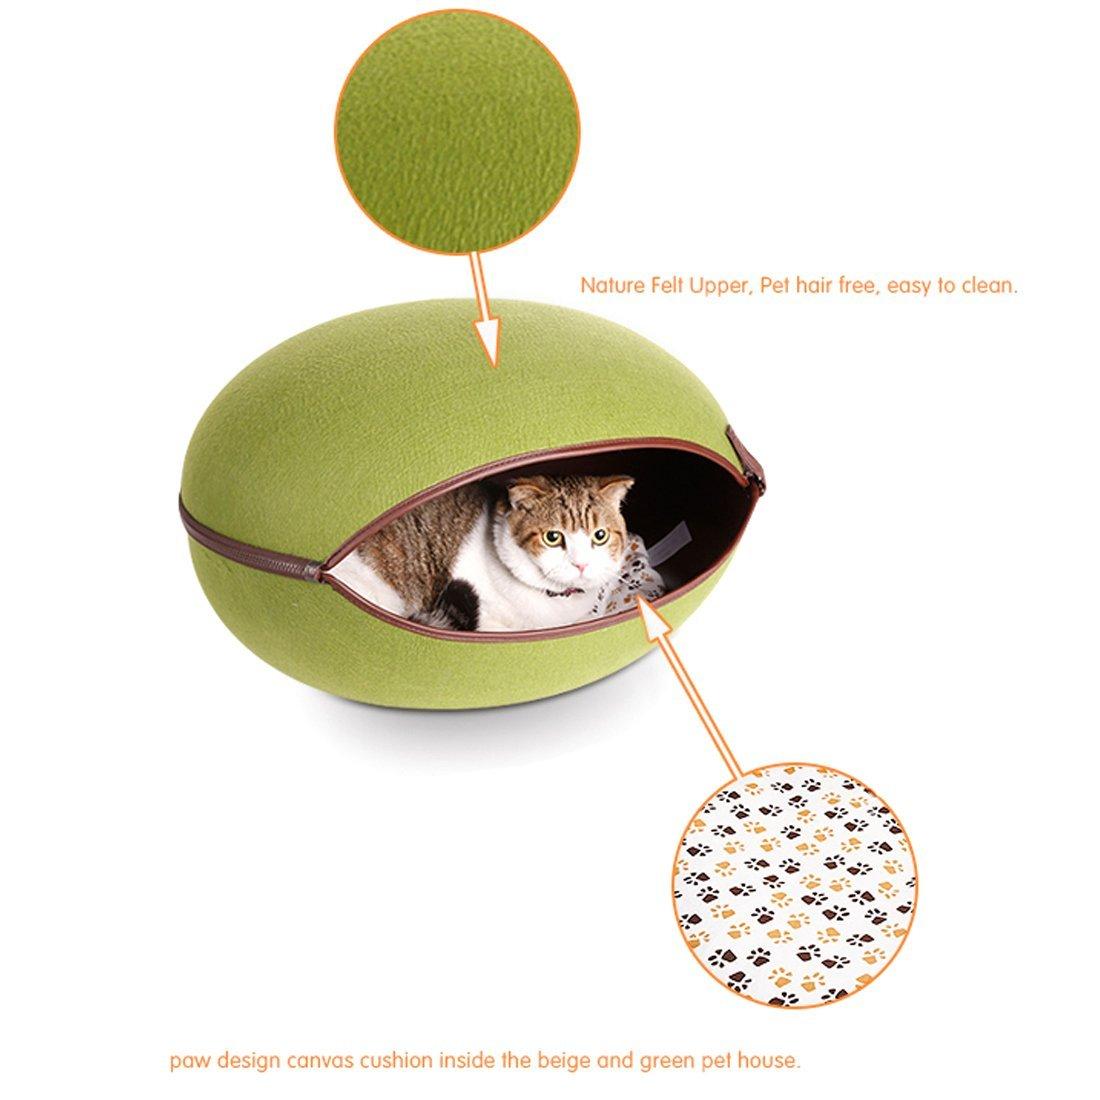 ... Natural cómodo desmontable Para mascotas de la perrera Casa fácilmente lavable perrito del gato del perro Casa Rural DOGLEMI Autorizado : Pet Supplies